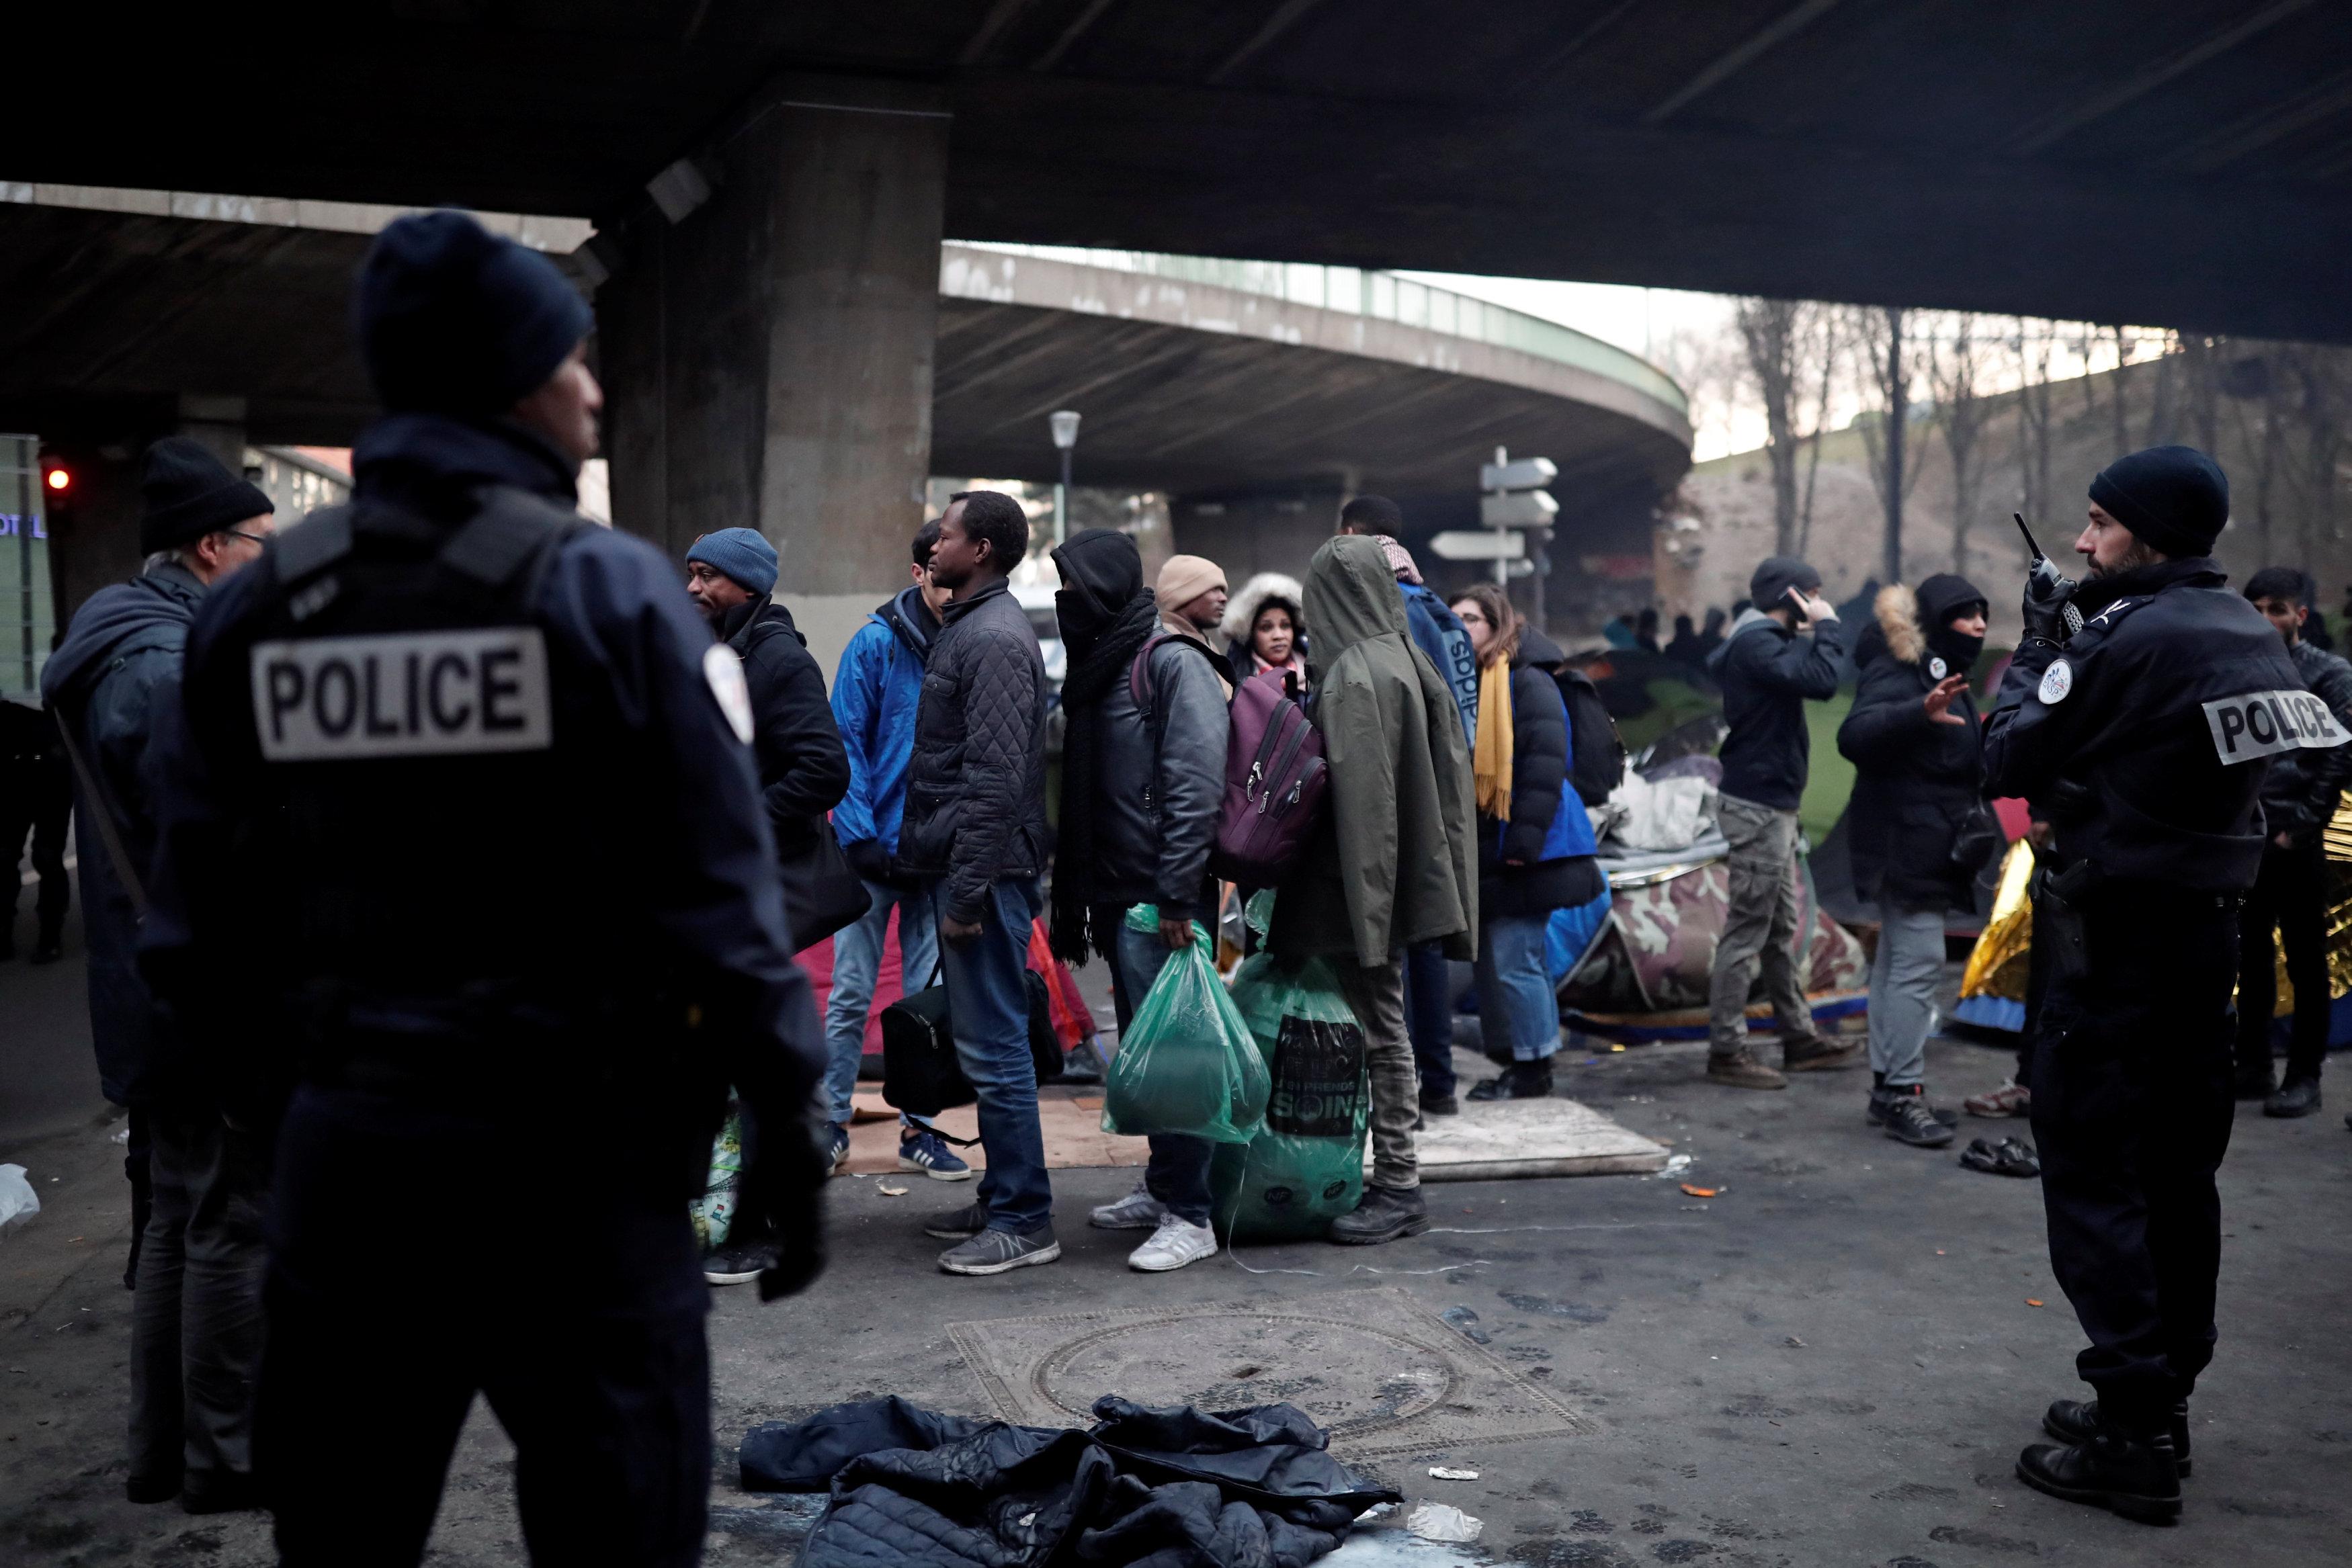 اللاجئون فى انتظار للانتقال من المنطقة التى يقطنونها فى باريس